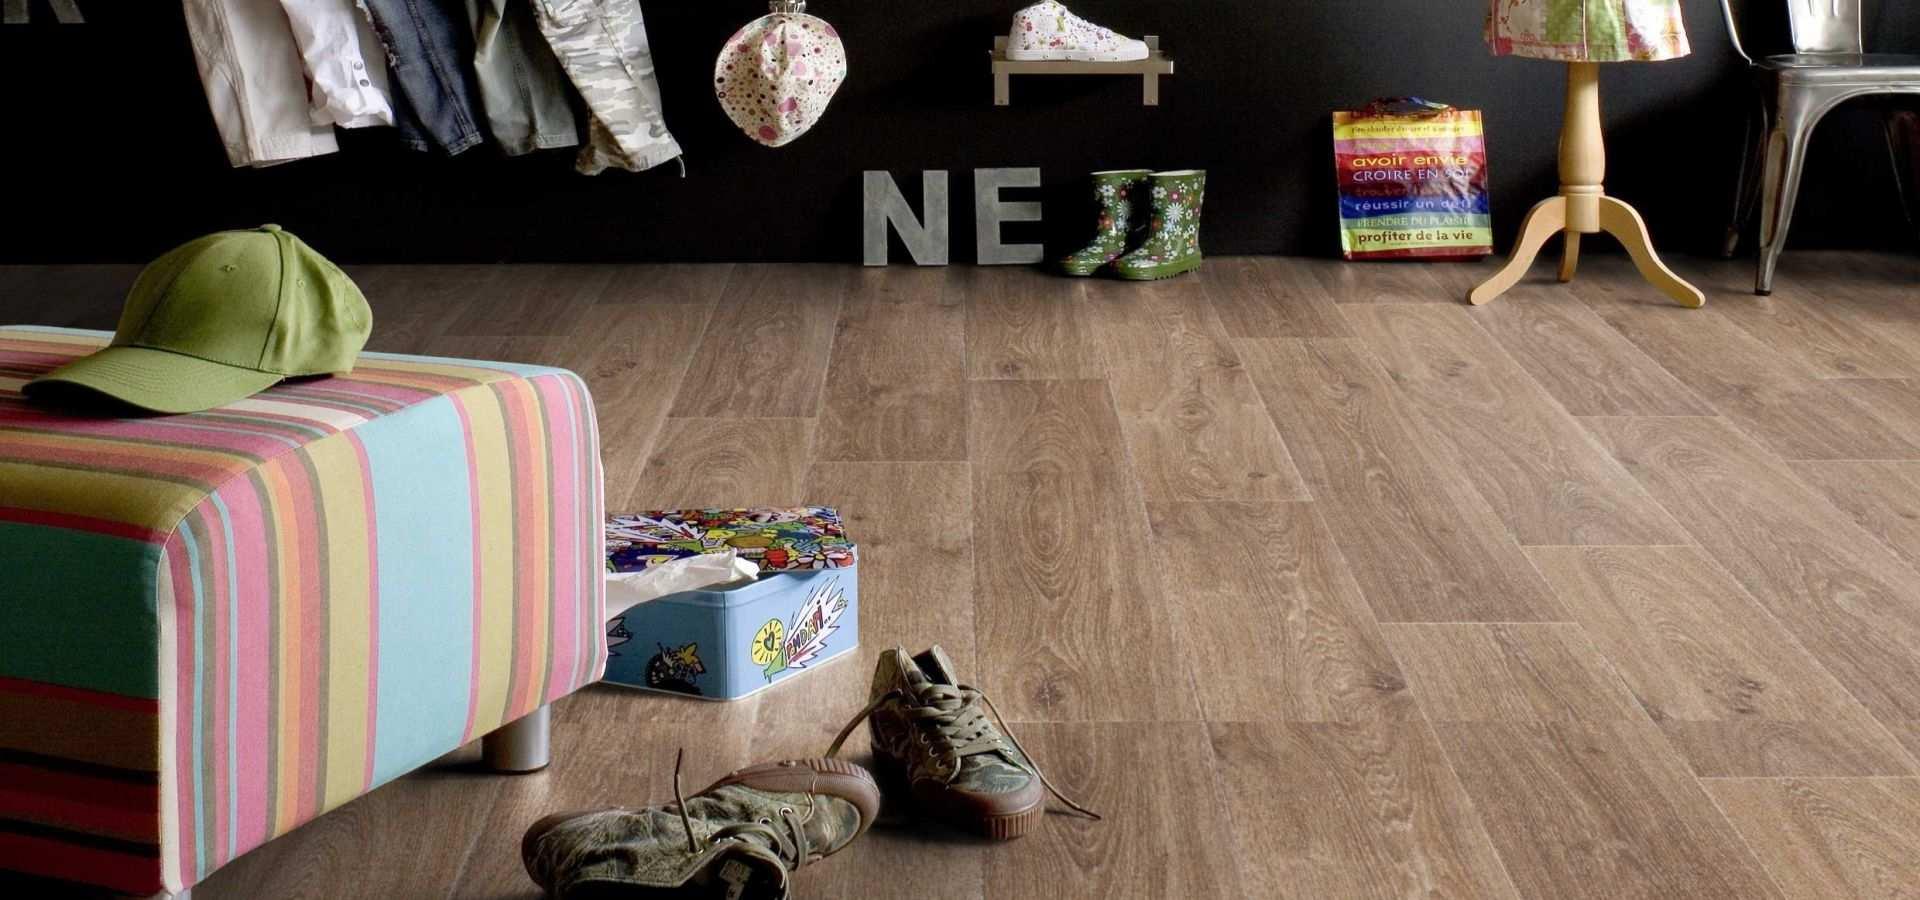 Bild Kinderzimmer CV Belag Holz dunkel